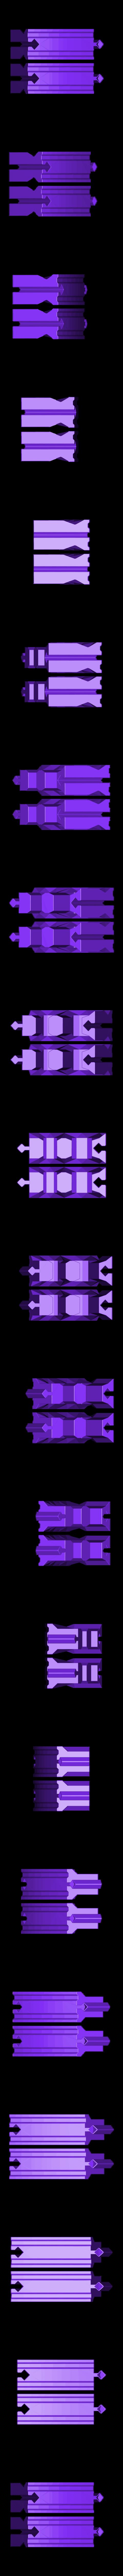 Train Bridge Span.stl Télécharger fichier STL gratuit Portée du pont du train • Design à imprimer en 3D, 3DBuilder